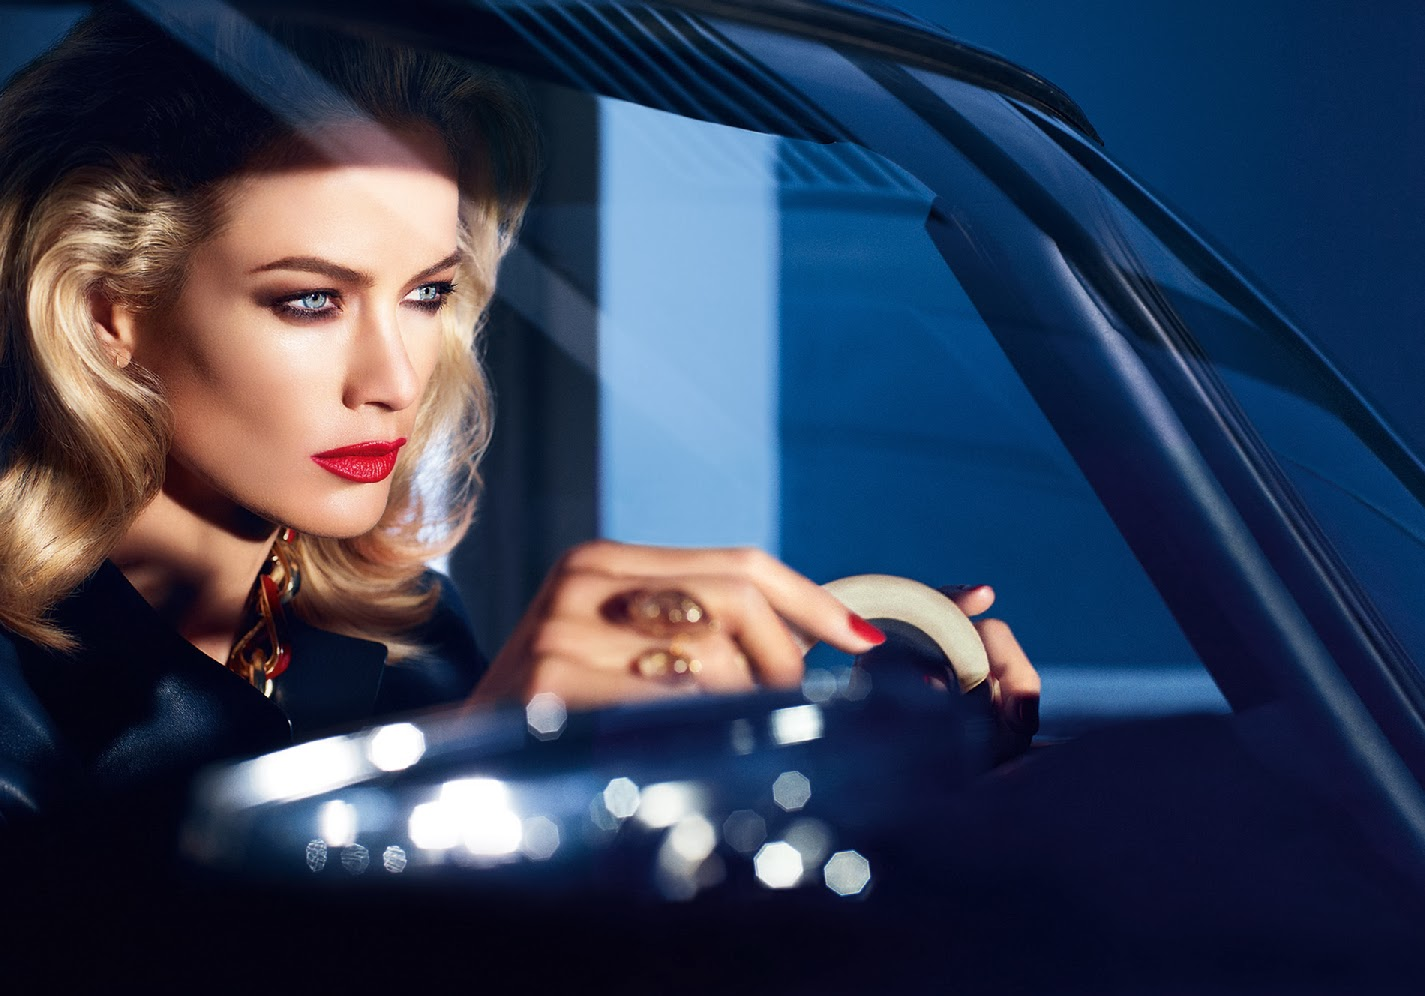 estee lauder lipstick envy